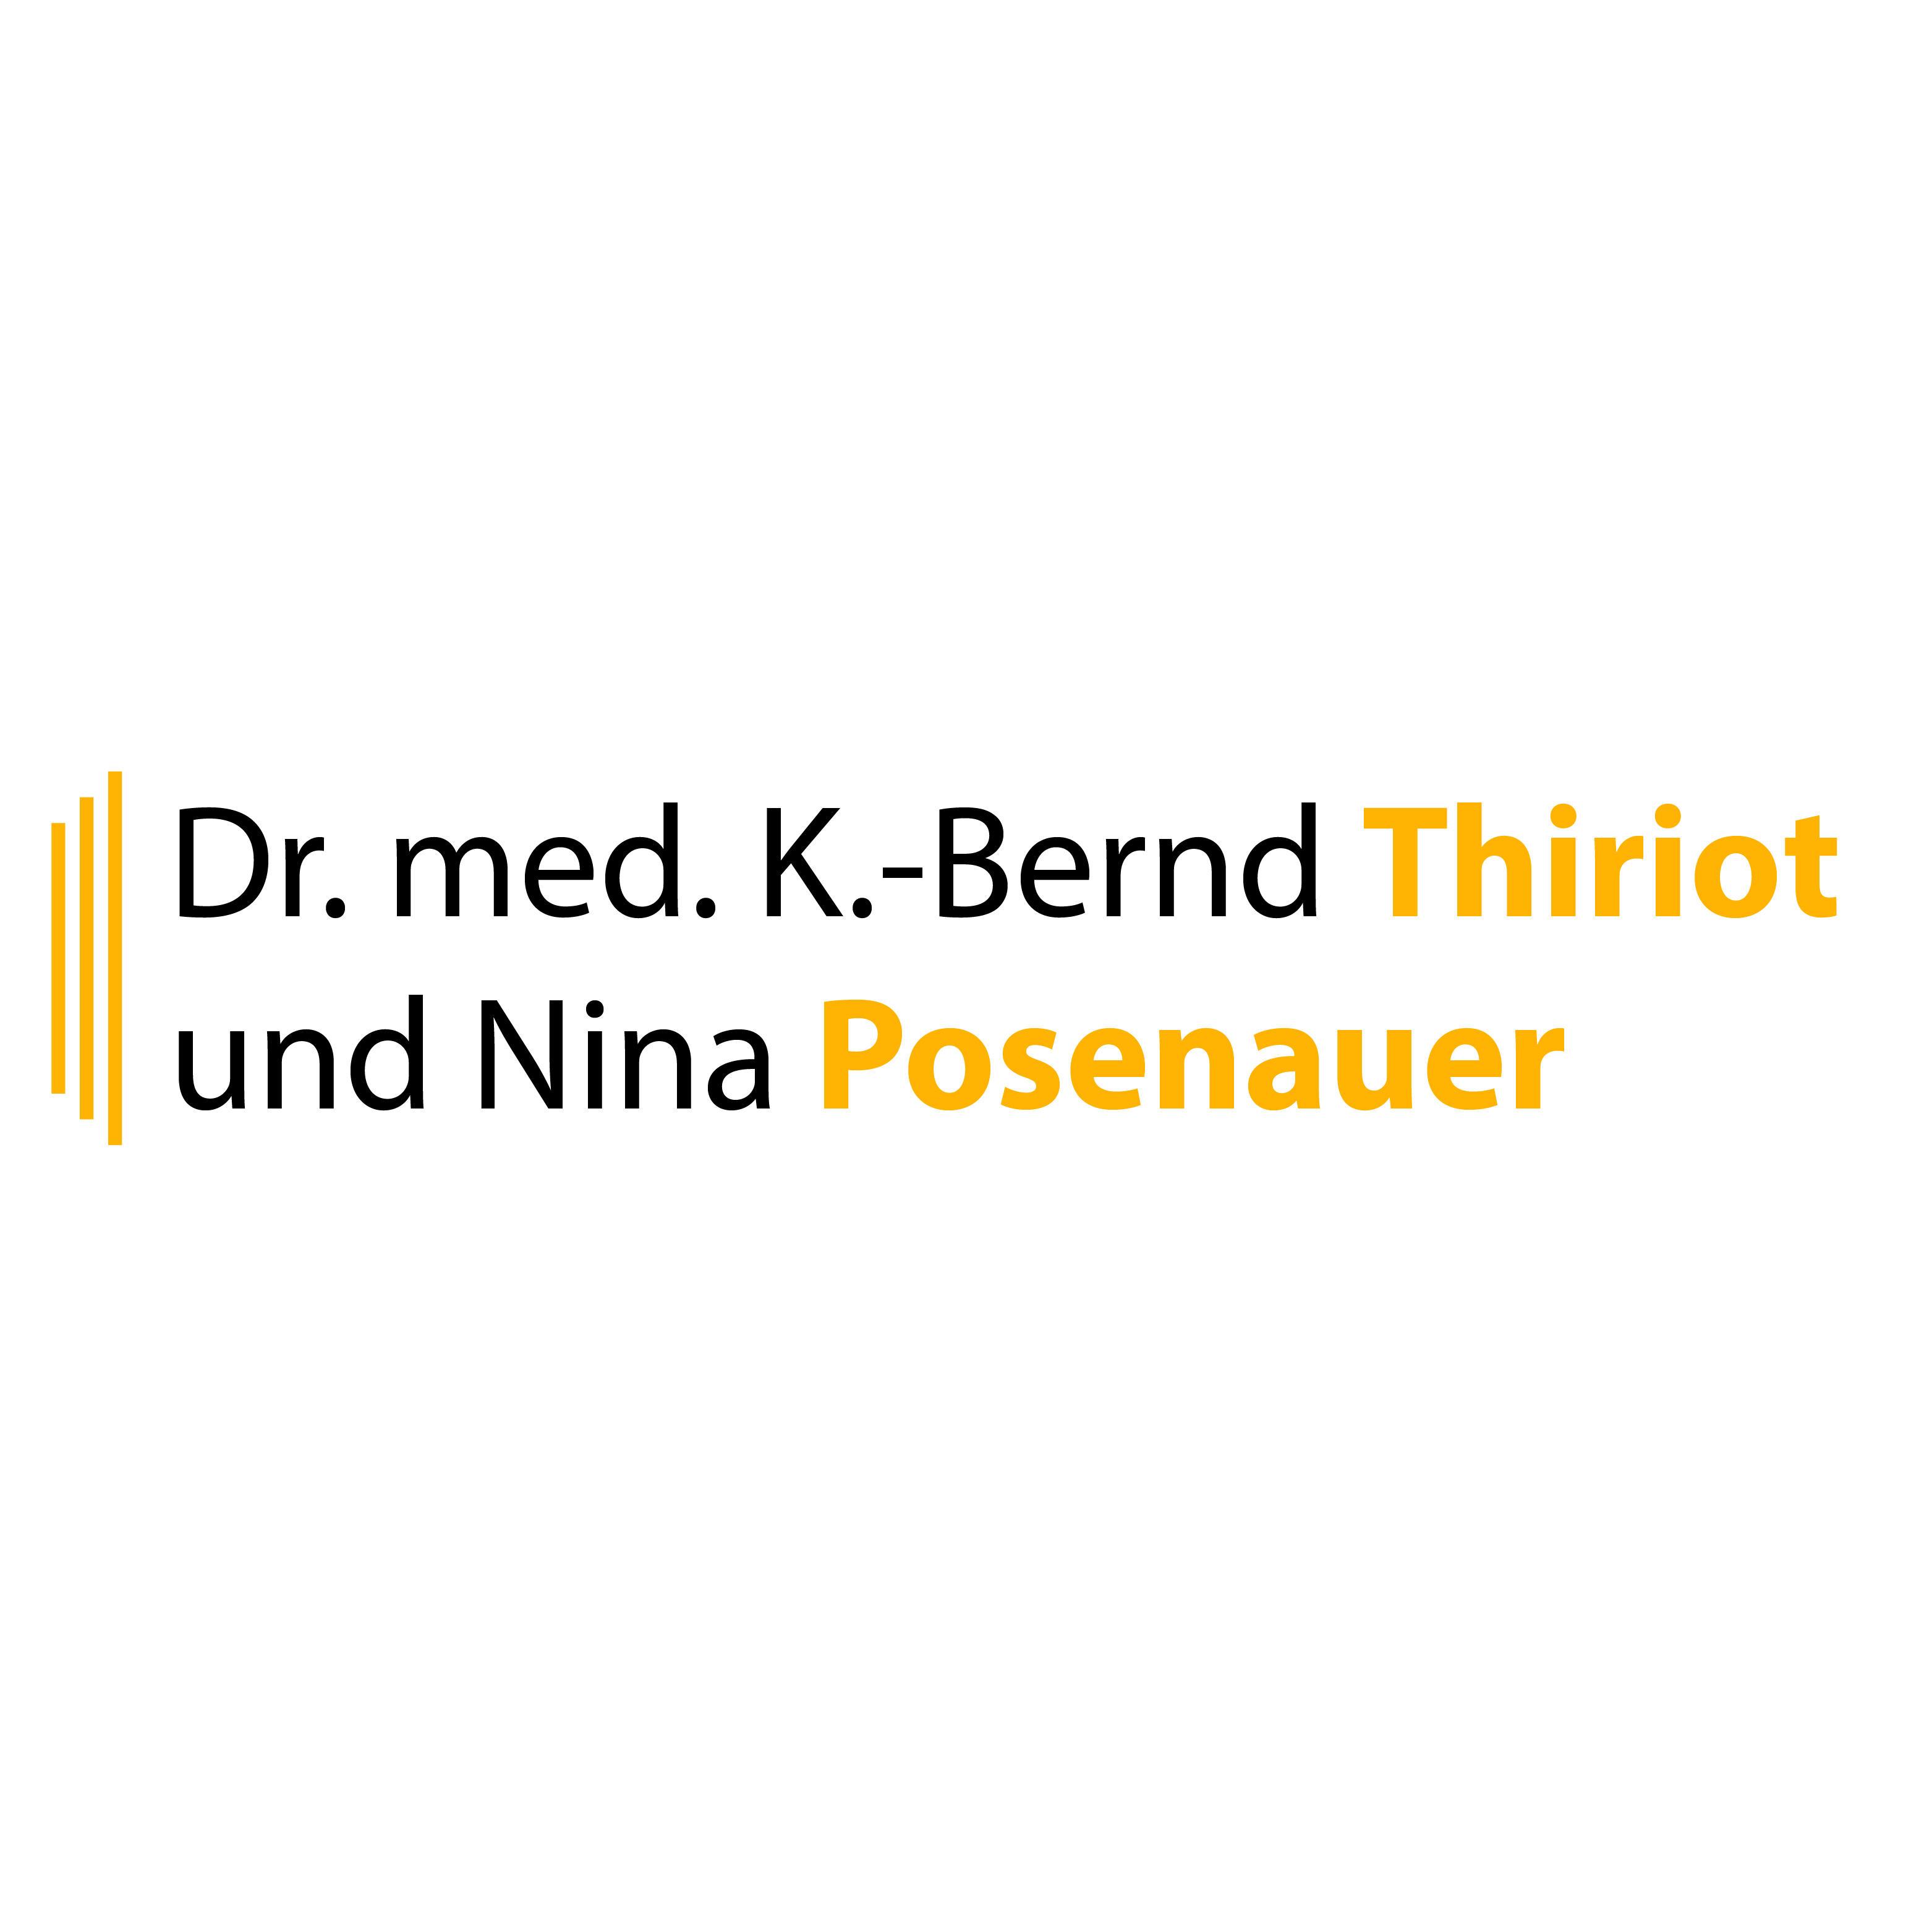 Logo von Dr. med. K.- Bernd Thiriot und Nina Posenauer